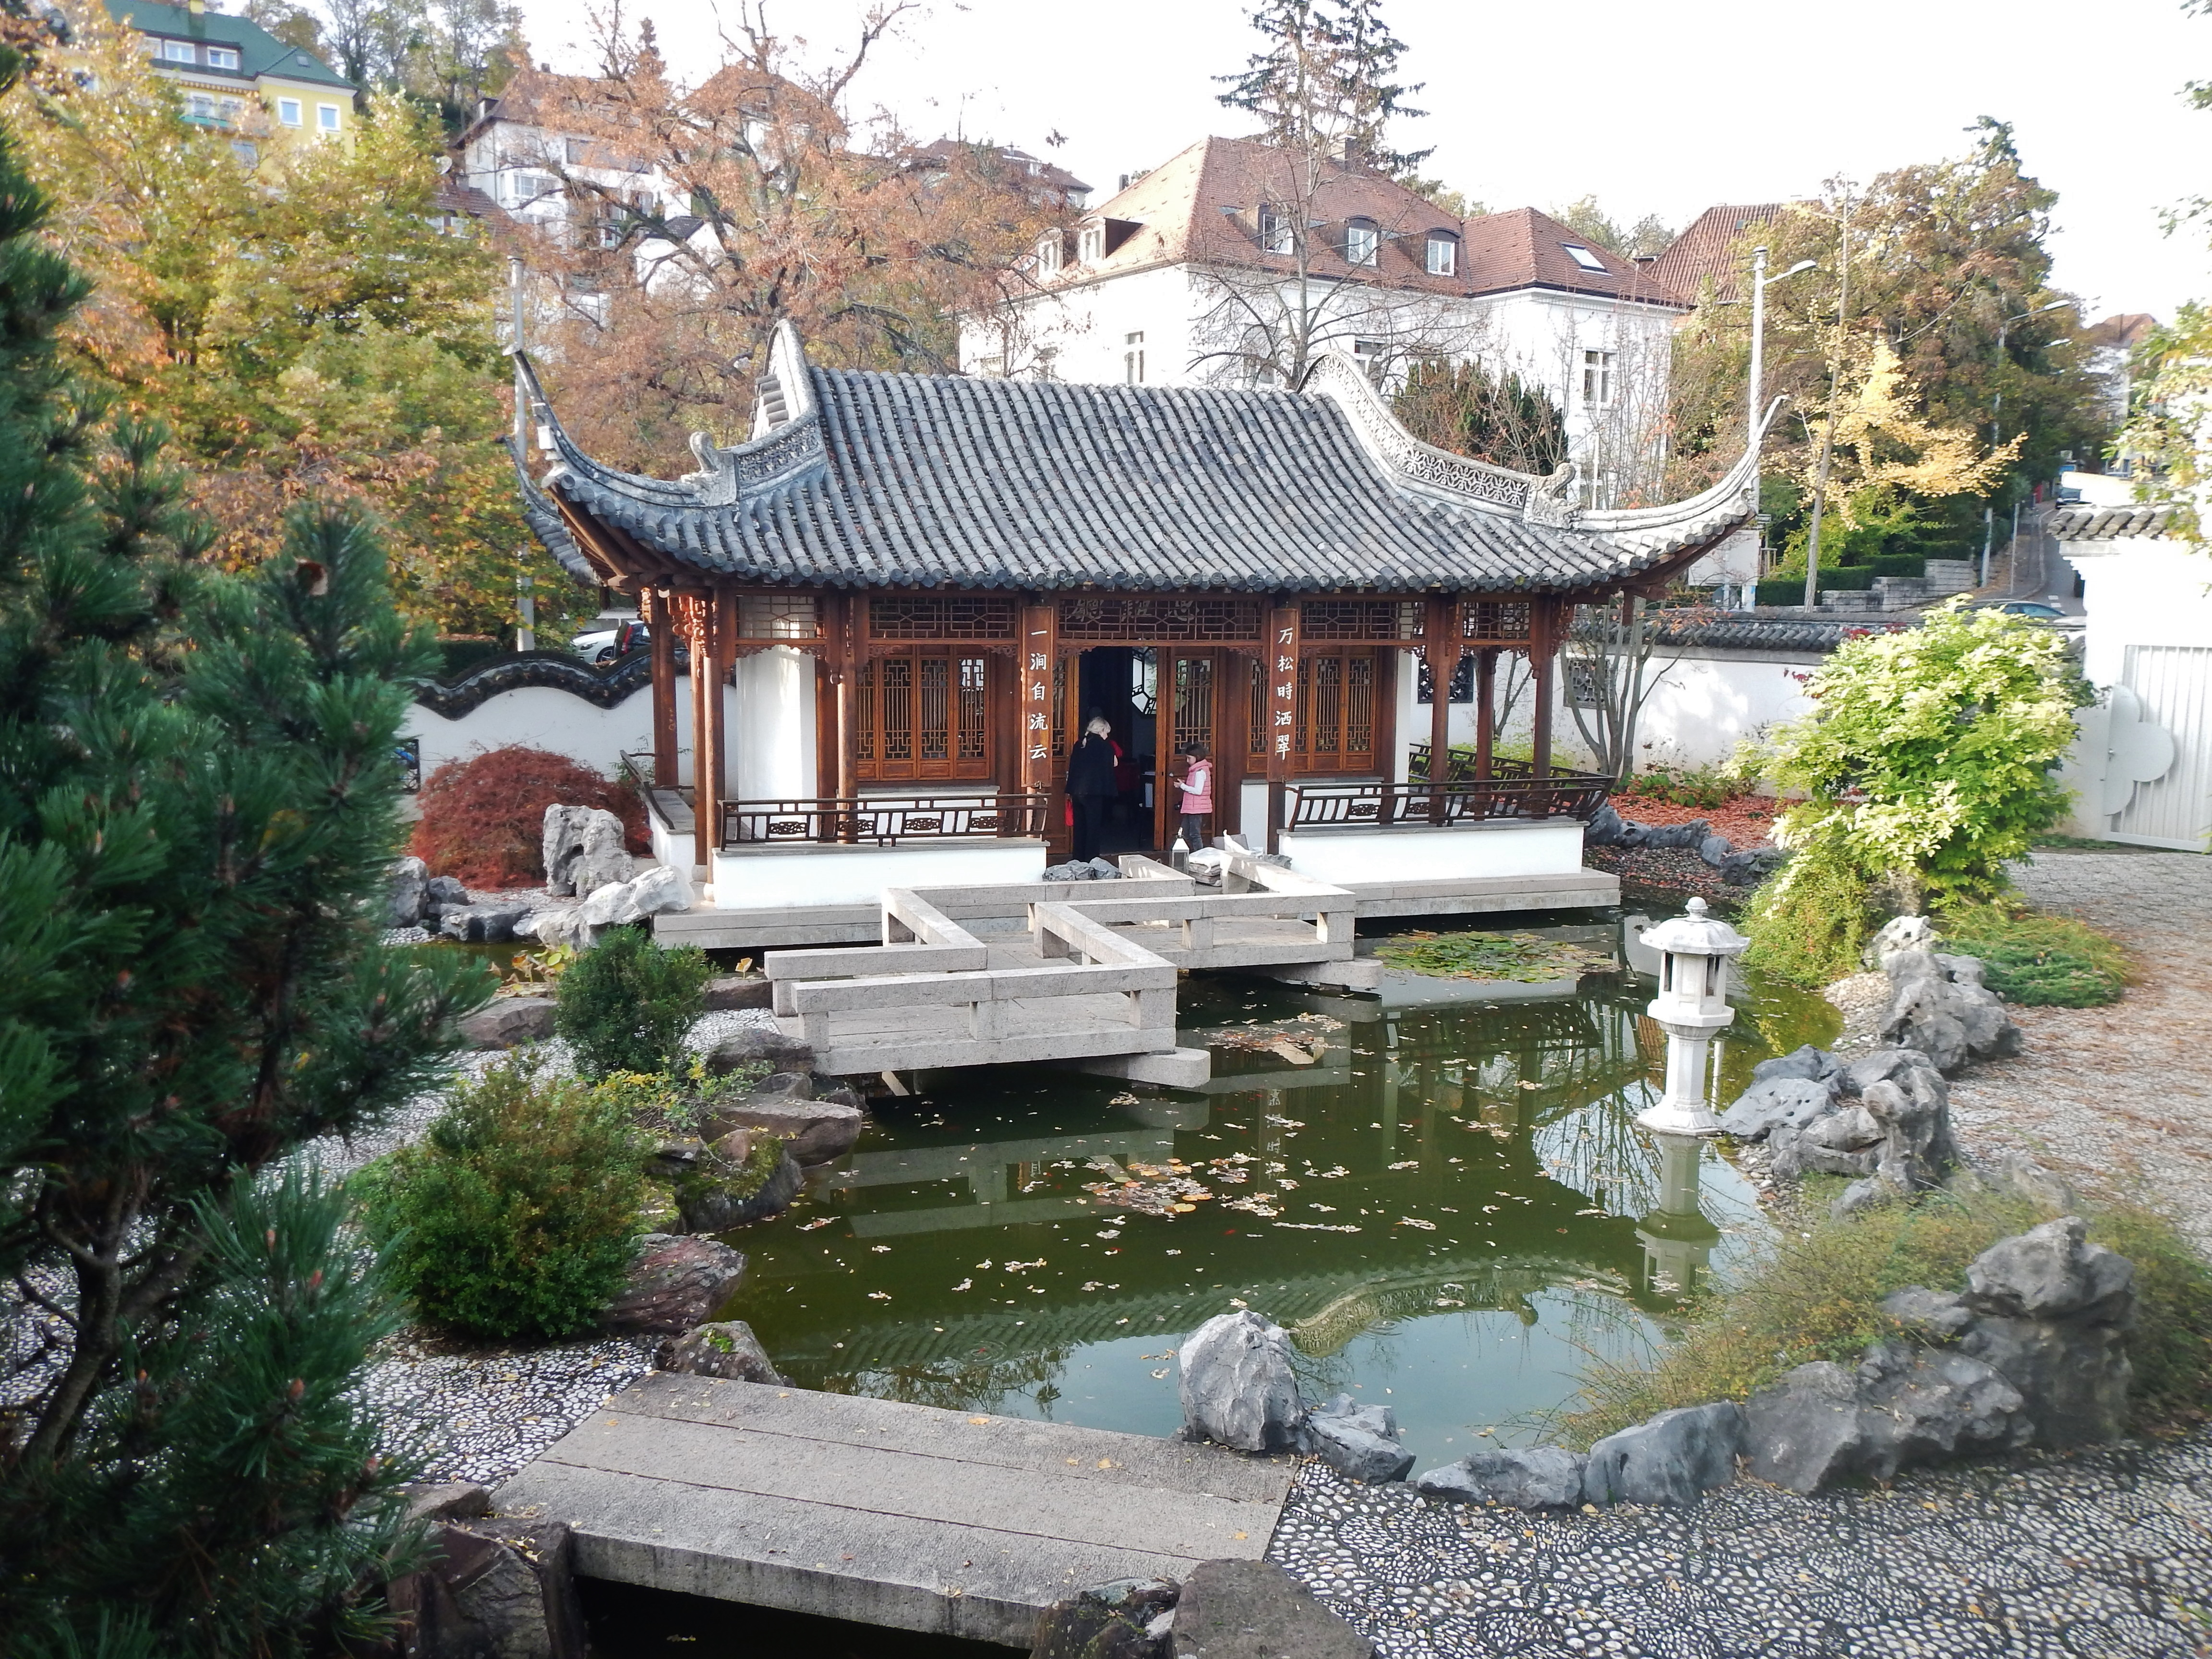 Dateichinesischer Garten In Stuttgart Panoramiojpg Wikipedia